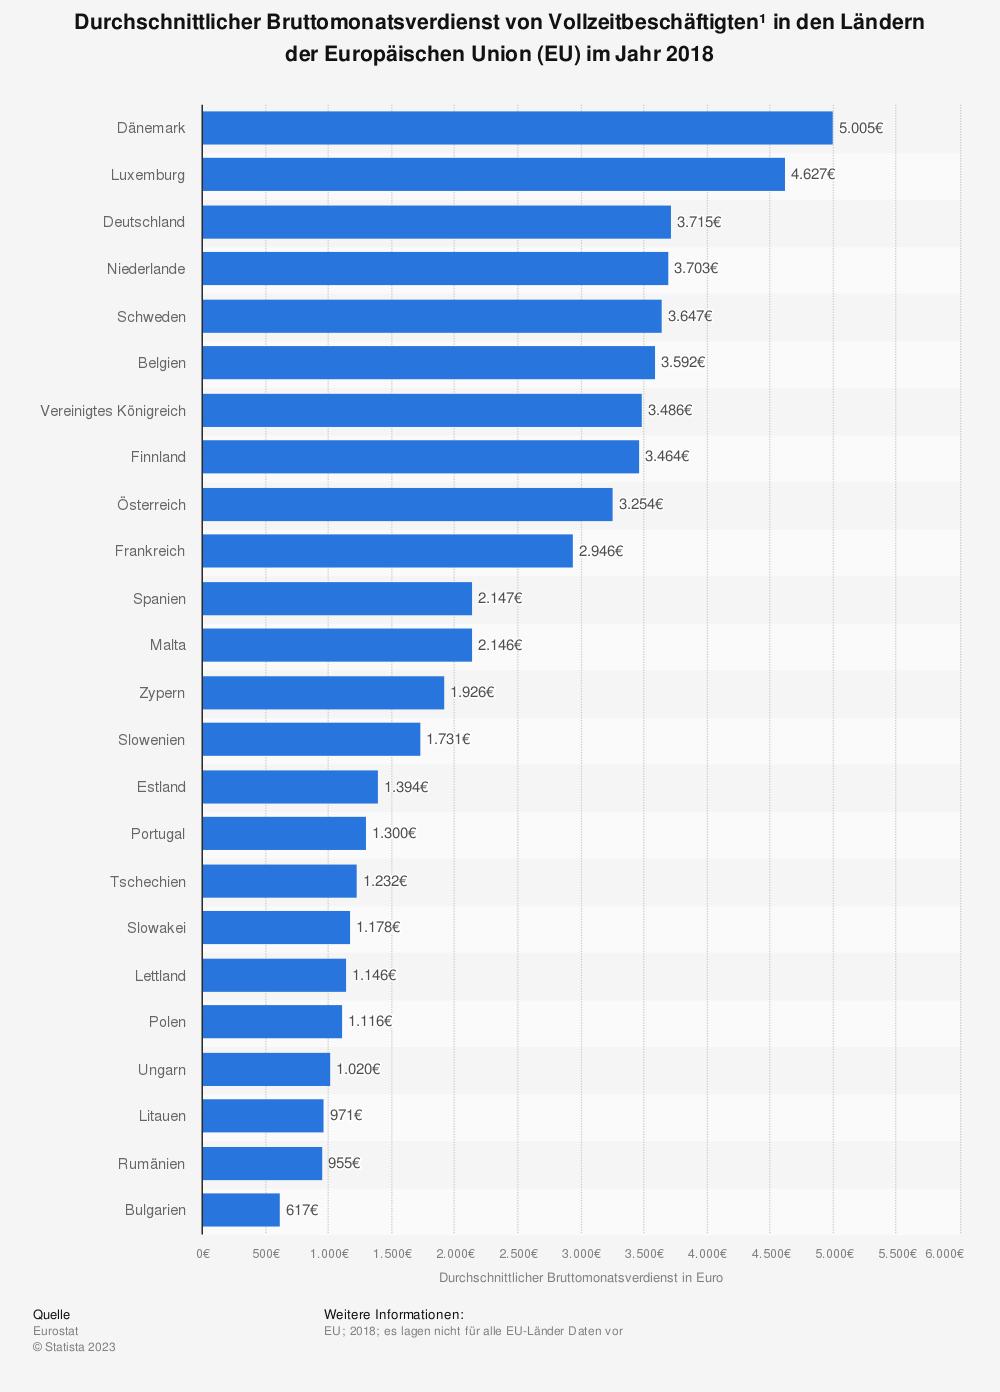 Bruttomonatsverdienst in der EU